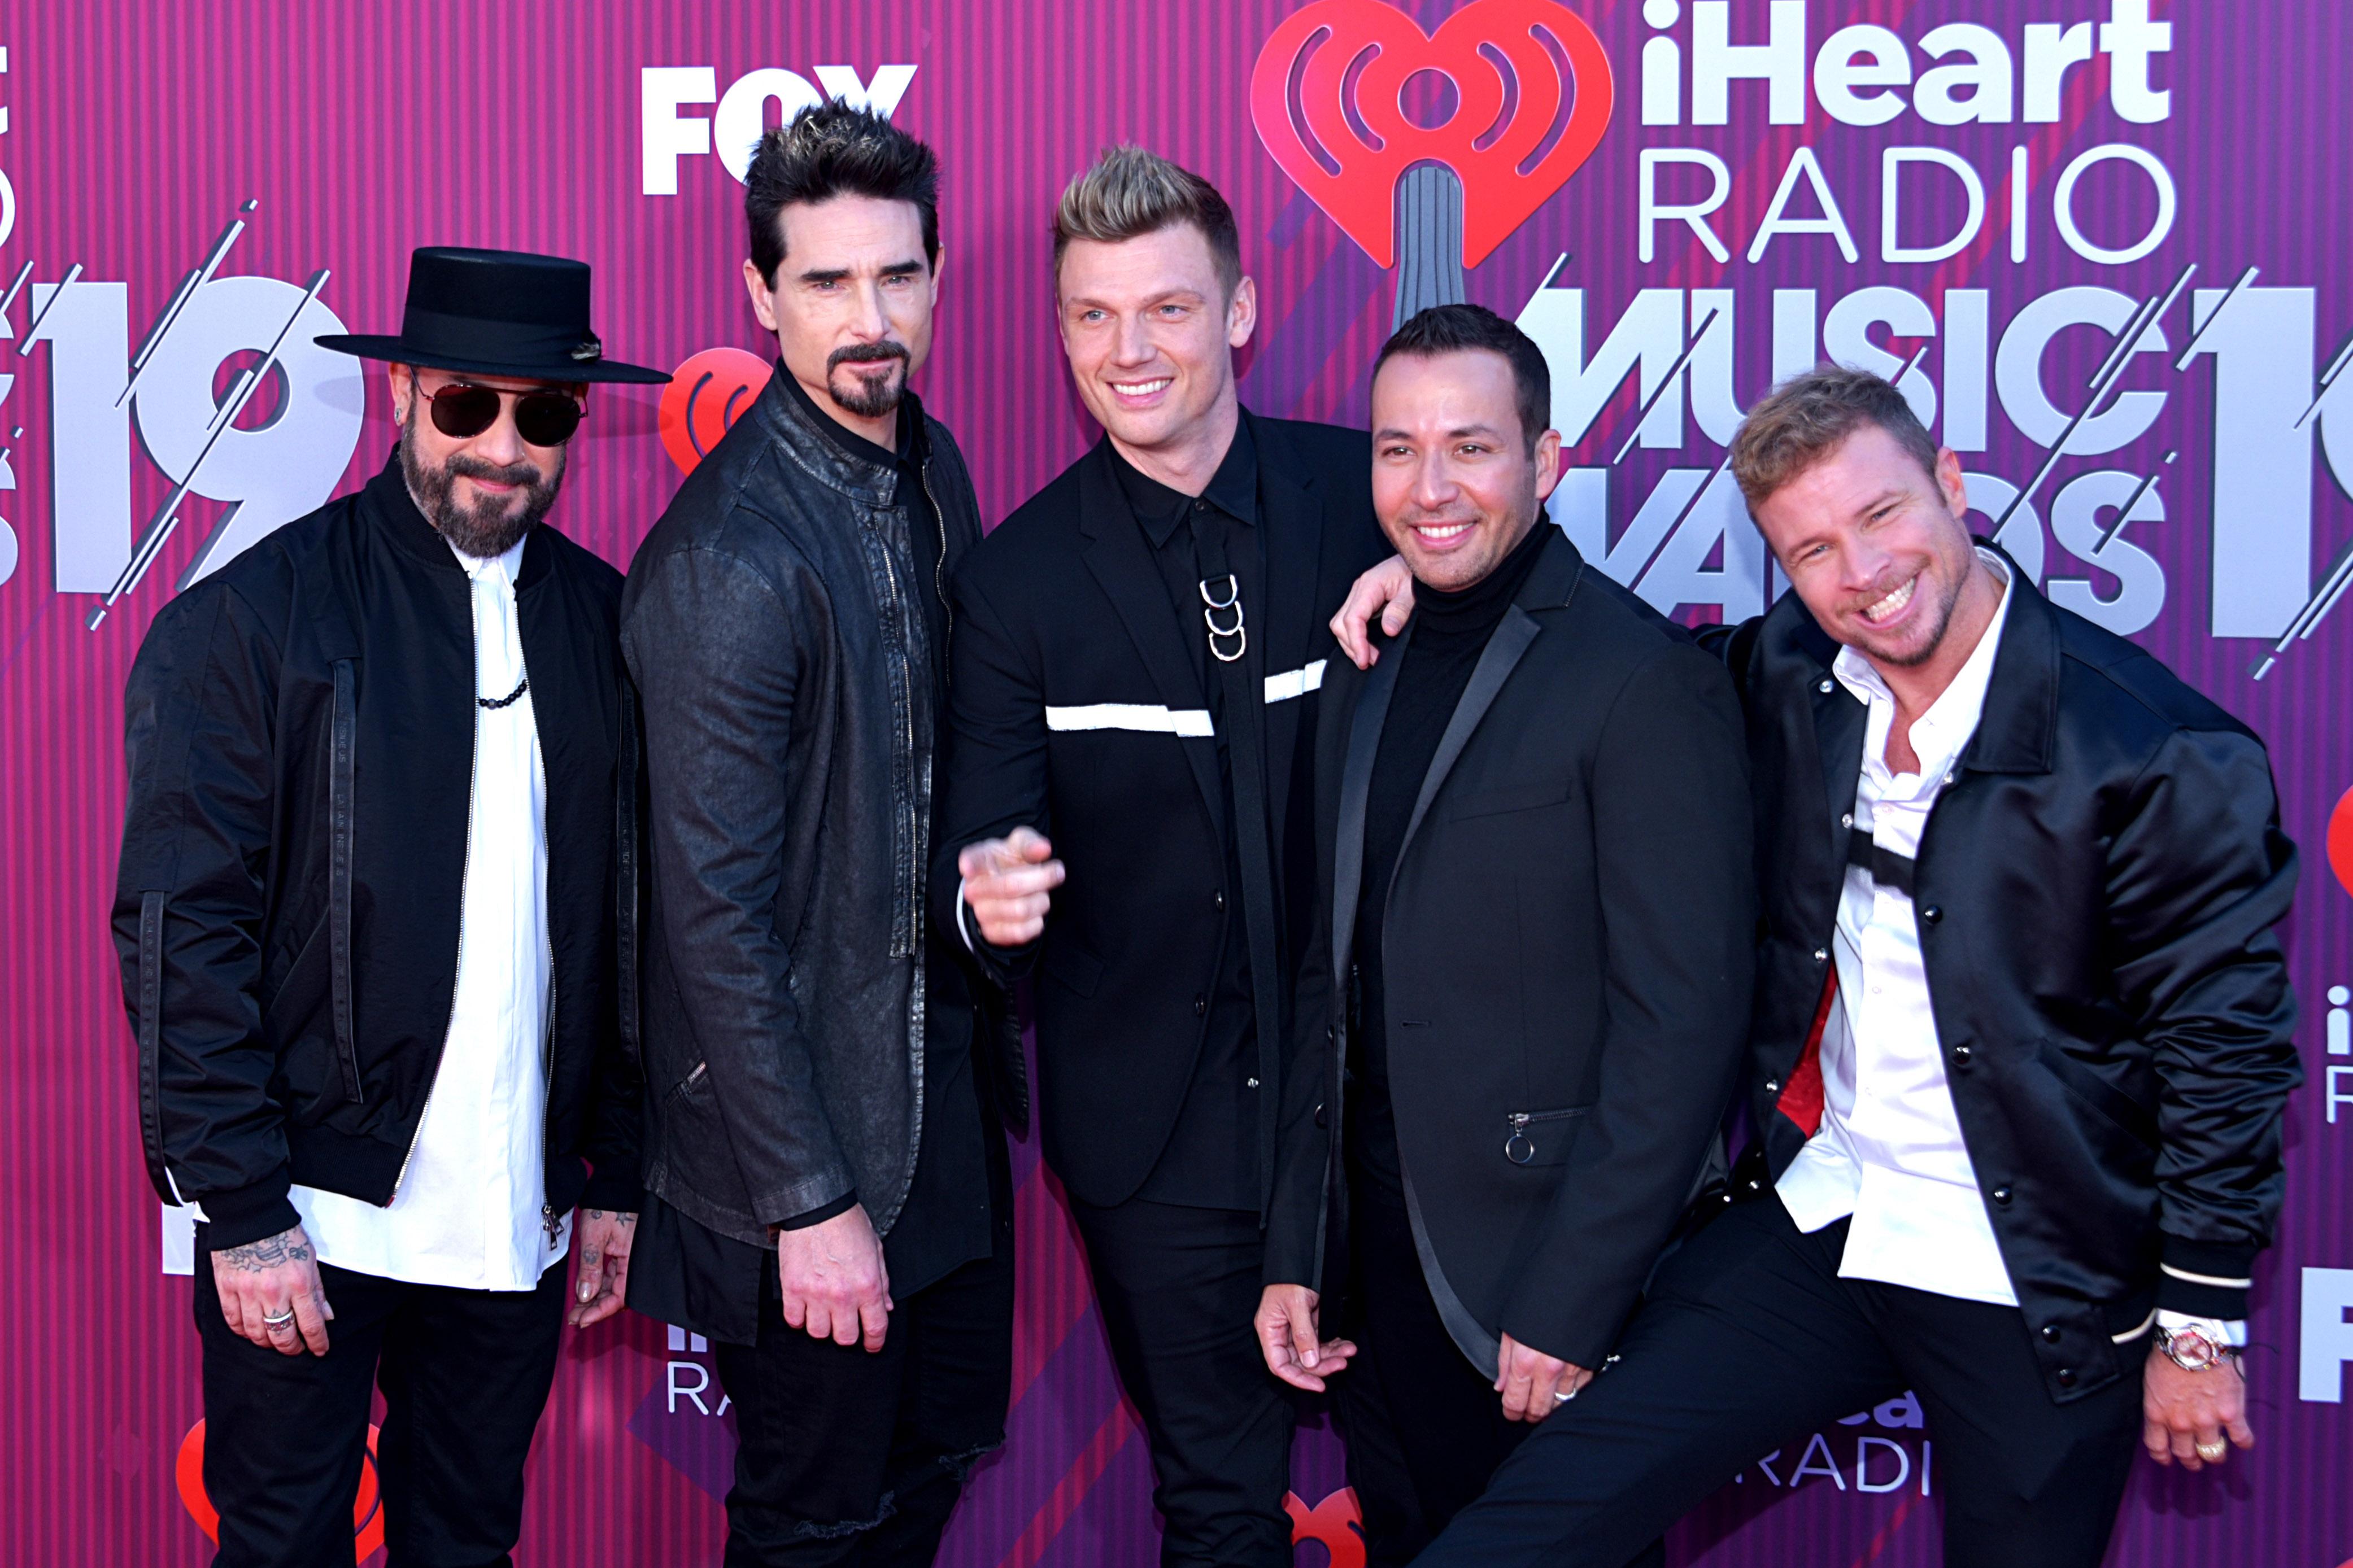 Los Backstreet Boys regresan para cantar 'I Want It That Way' desde sus casas en un concierto virtual